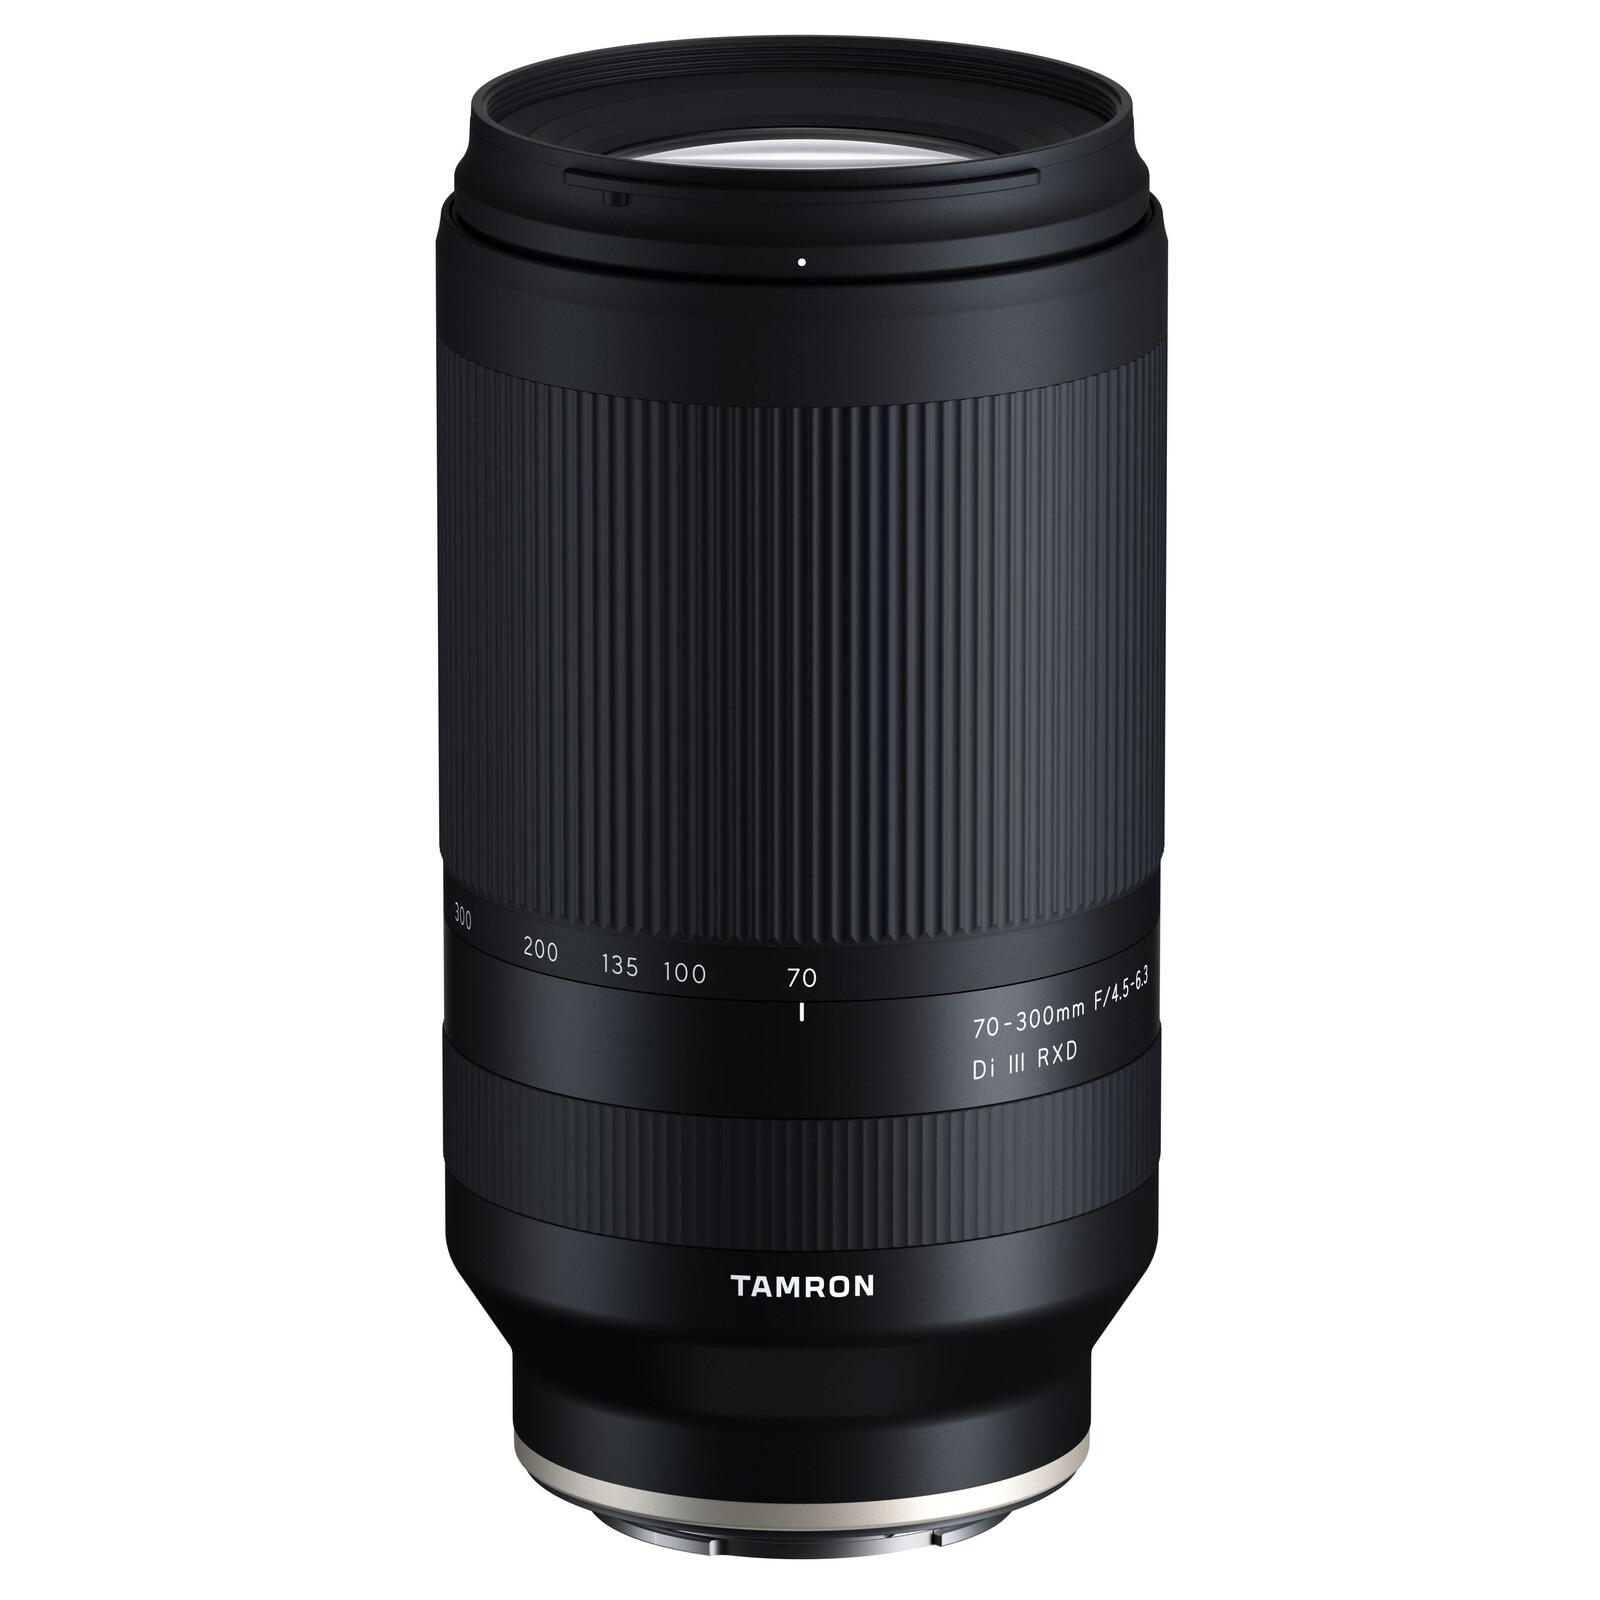 Tamron 70-300/4,5-6,3 Di III RXD Sony